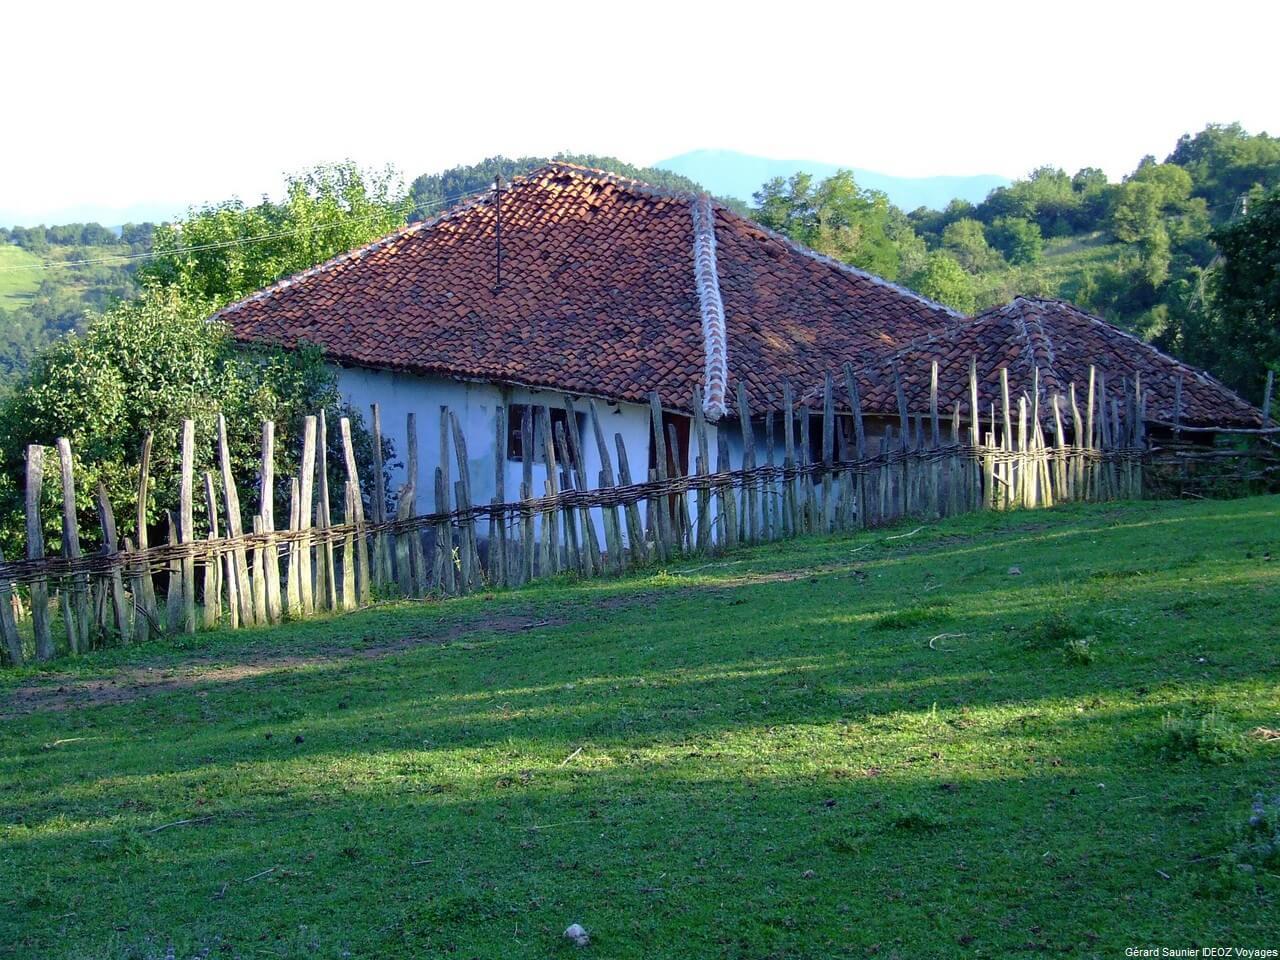 Rencontre inoubliable à Arilje en Serbie centrale : merveilleux souvenir 8